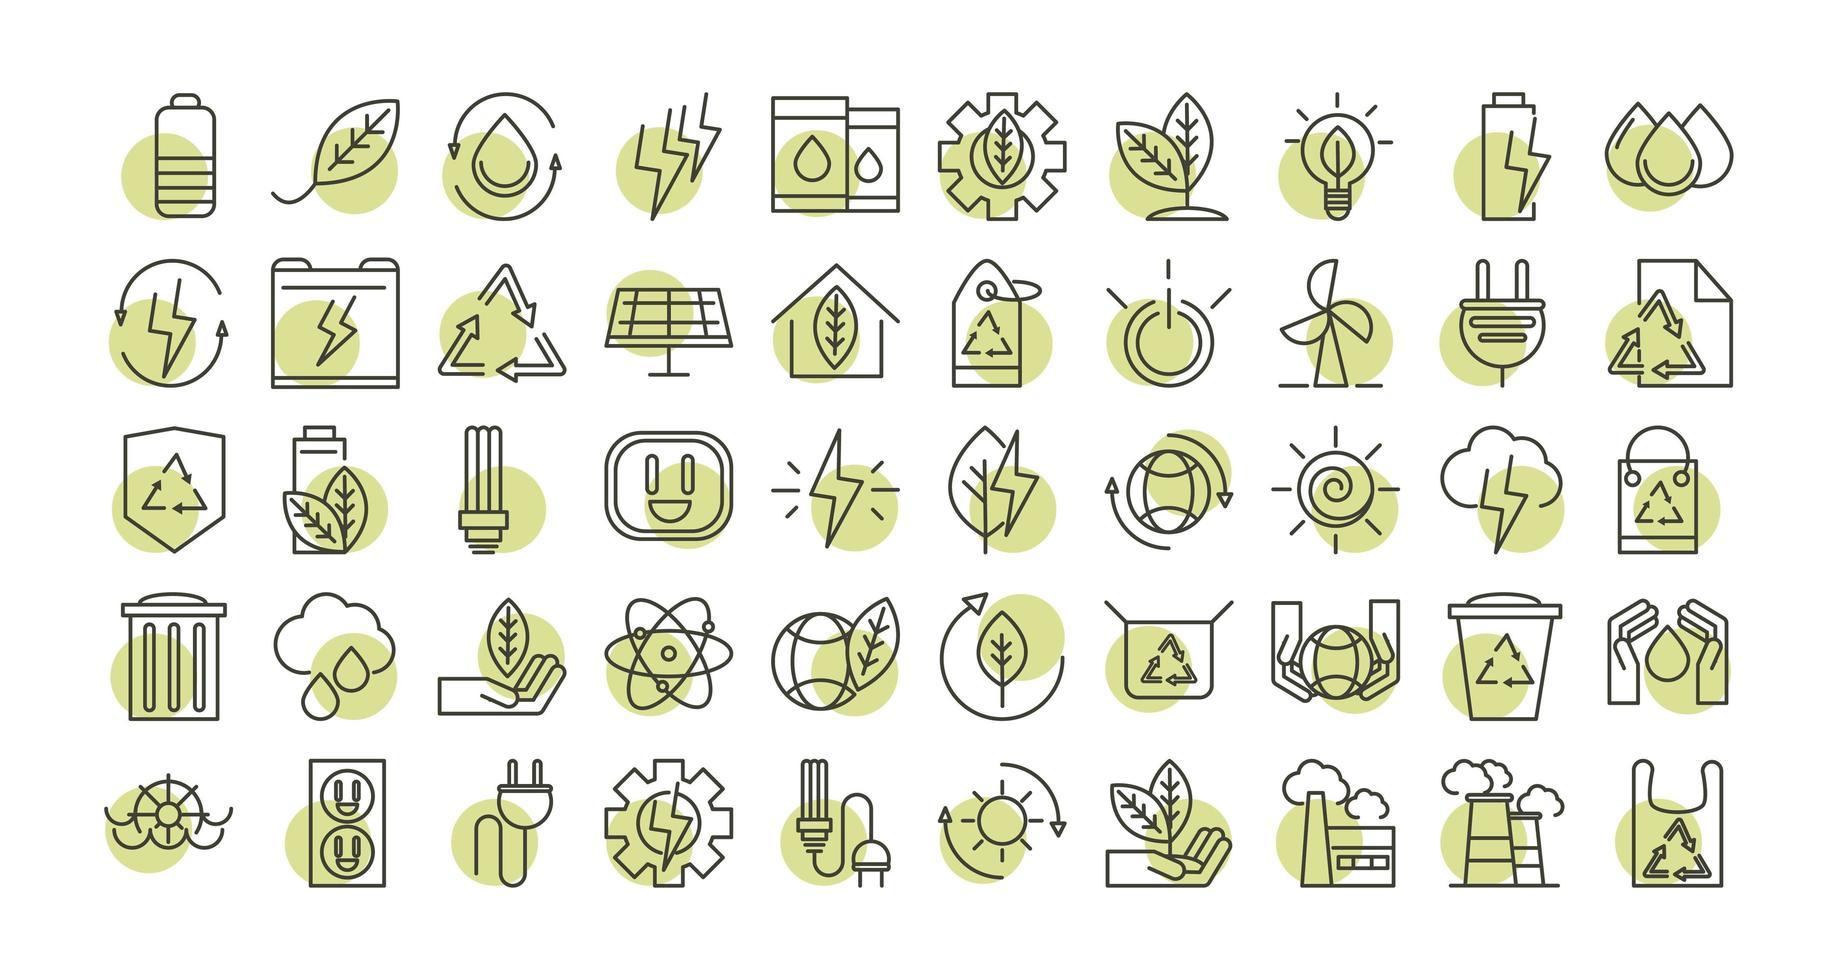 conjunto de ícones de energia ecológica sustentável, renovável e verde vetor